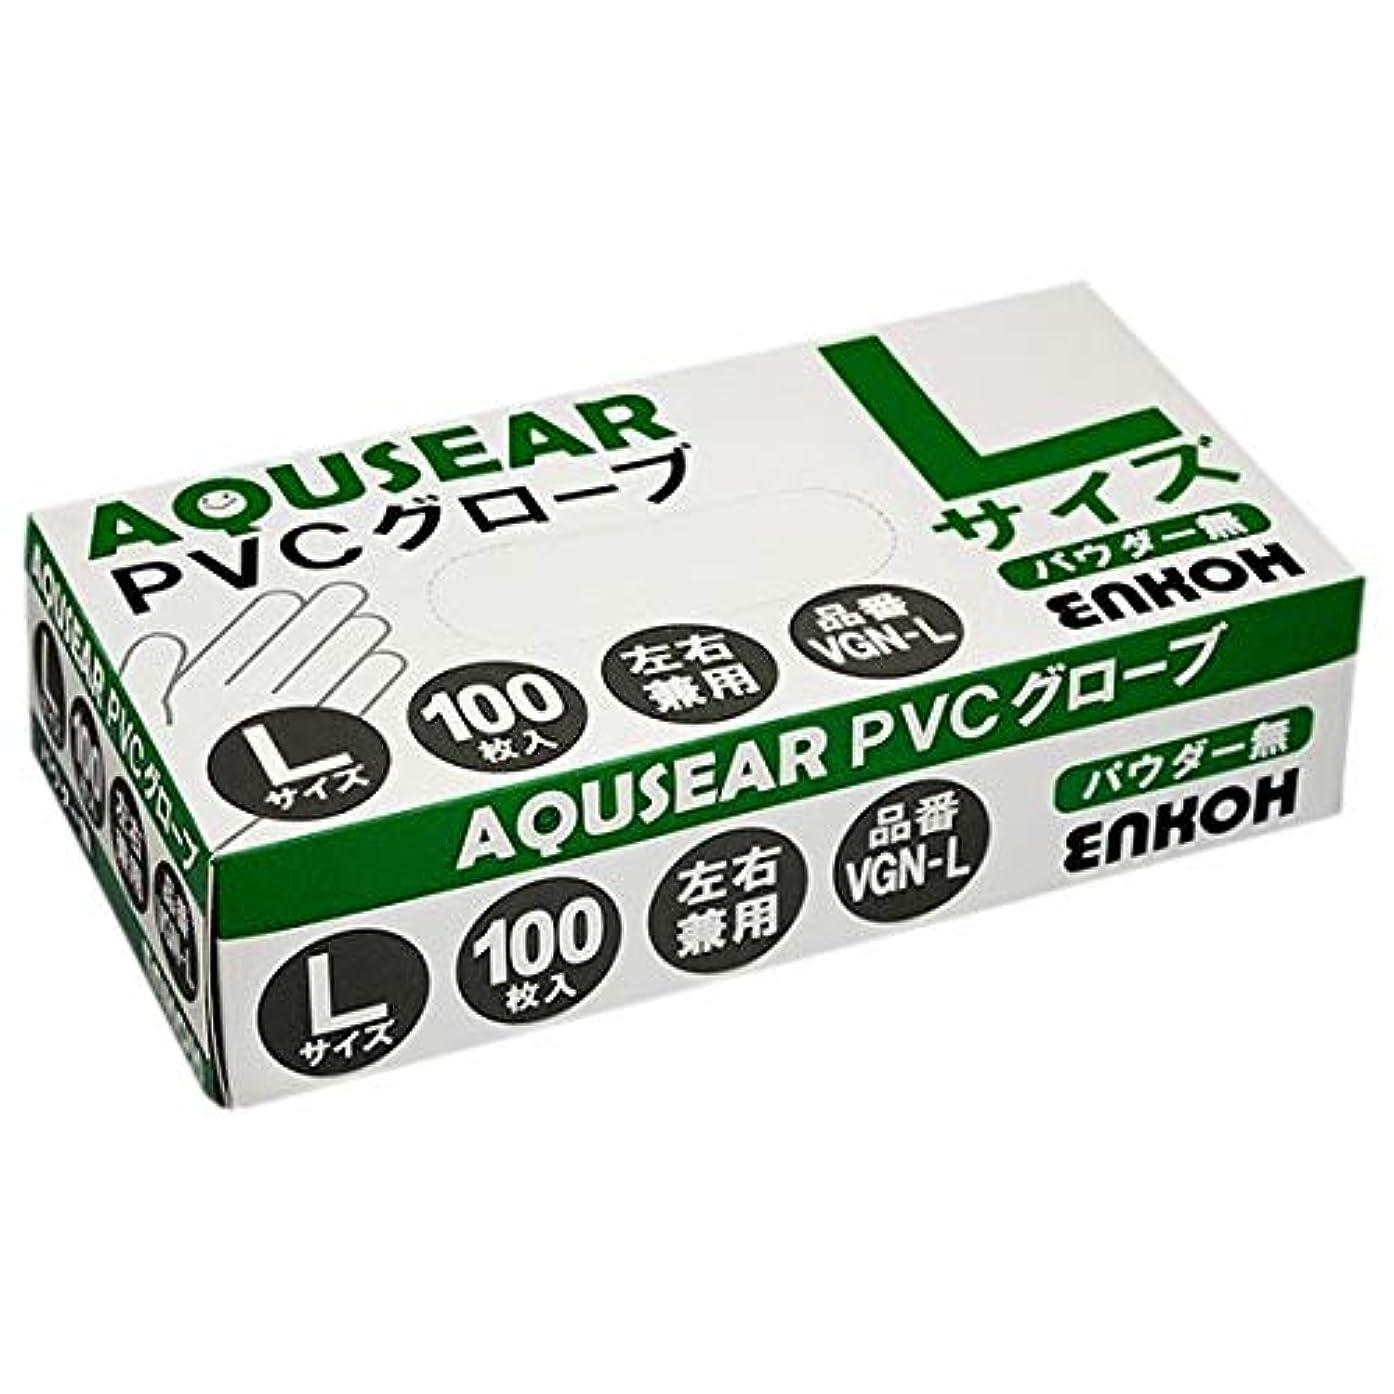 アソシエイトセンチメンタル米ドルAQUSEAR PVC プラスチックグローブ Lサイズ パウダー無 VGN-L 100枚×20箱